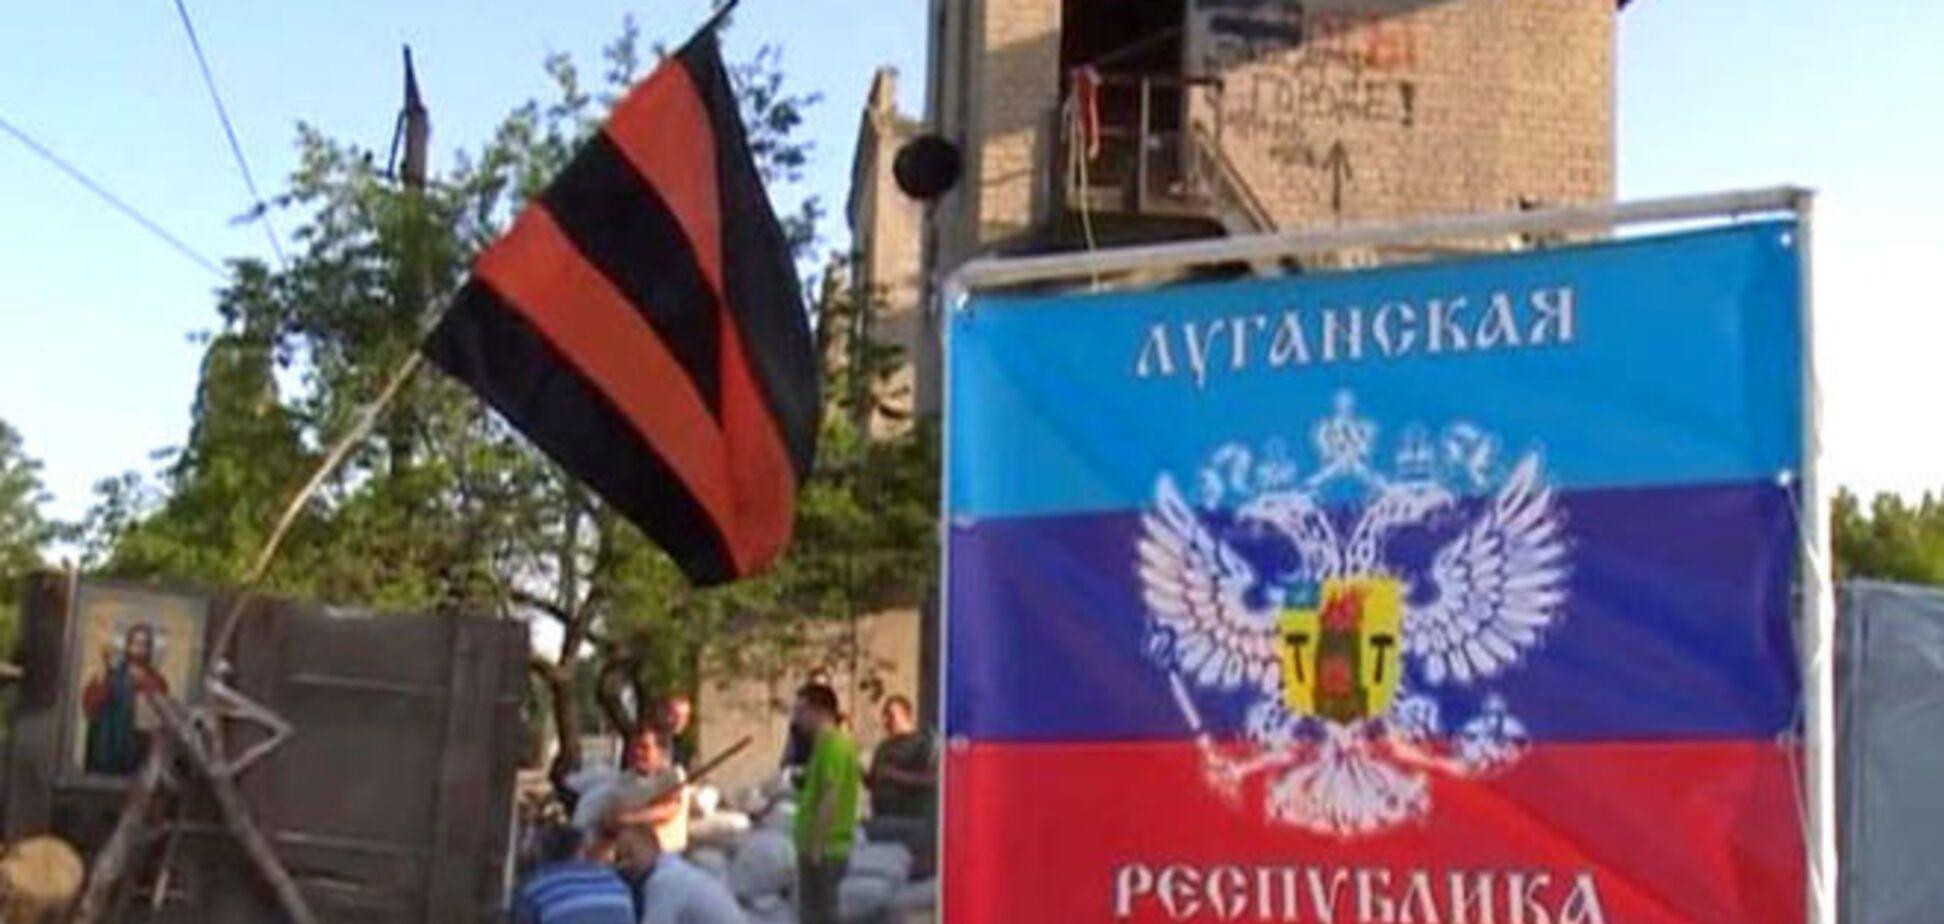 Арест российских спецназовцев: 'ЛНР' потребовала от Украины вернуть своих 'милиционеров'